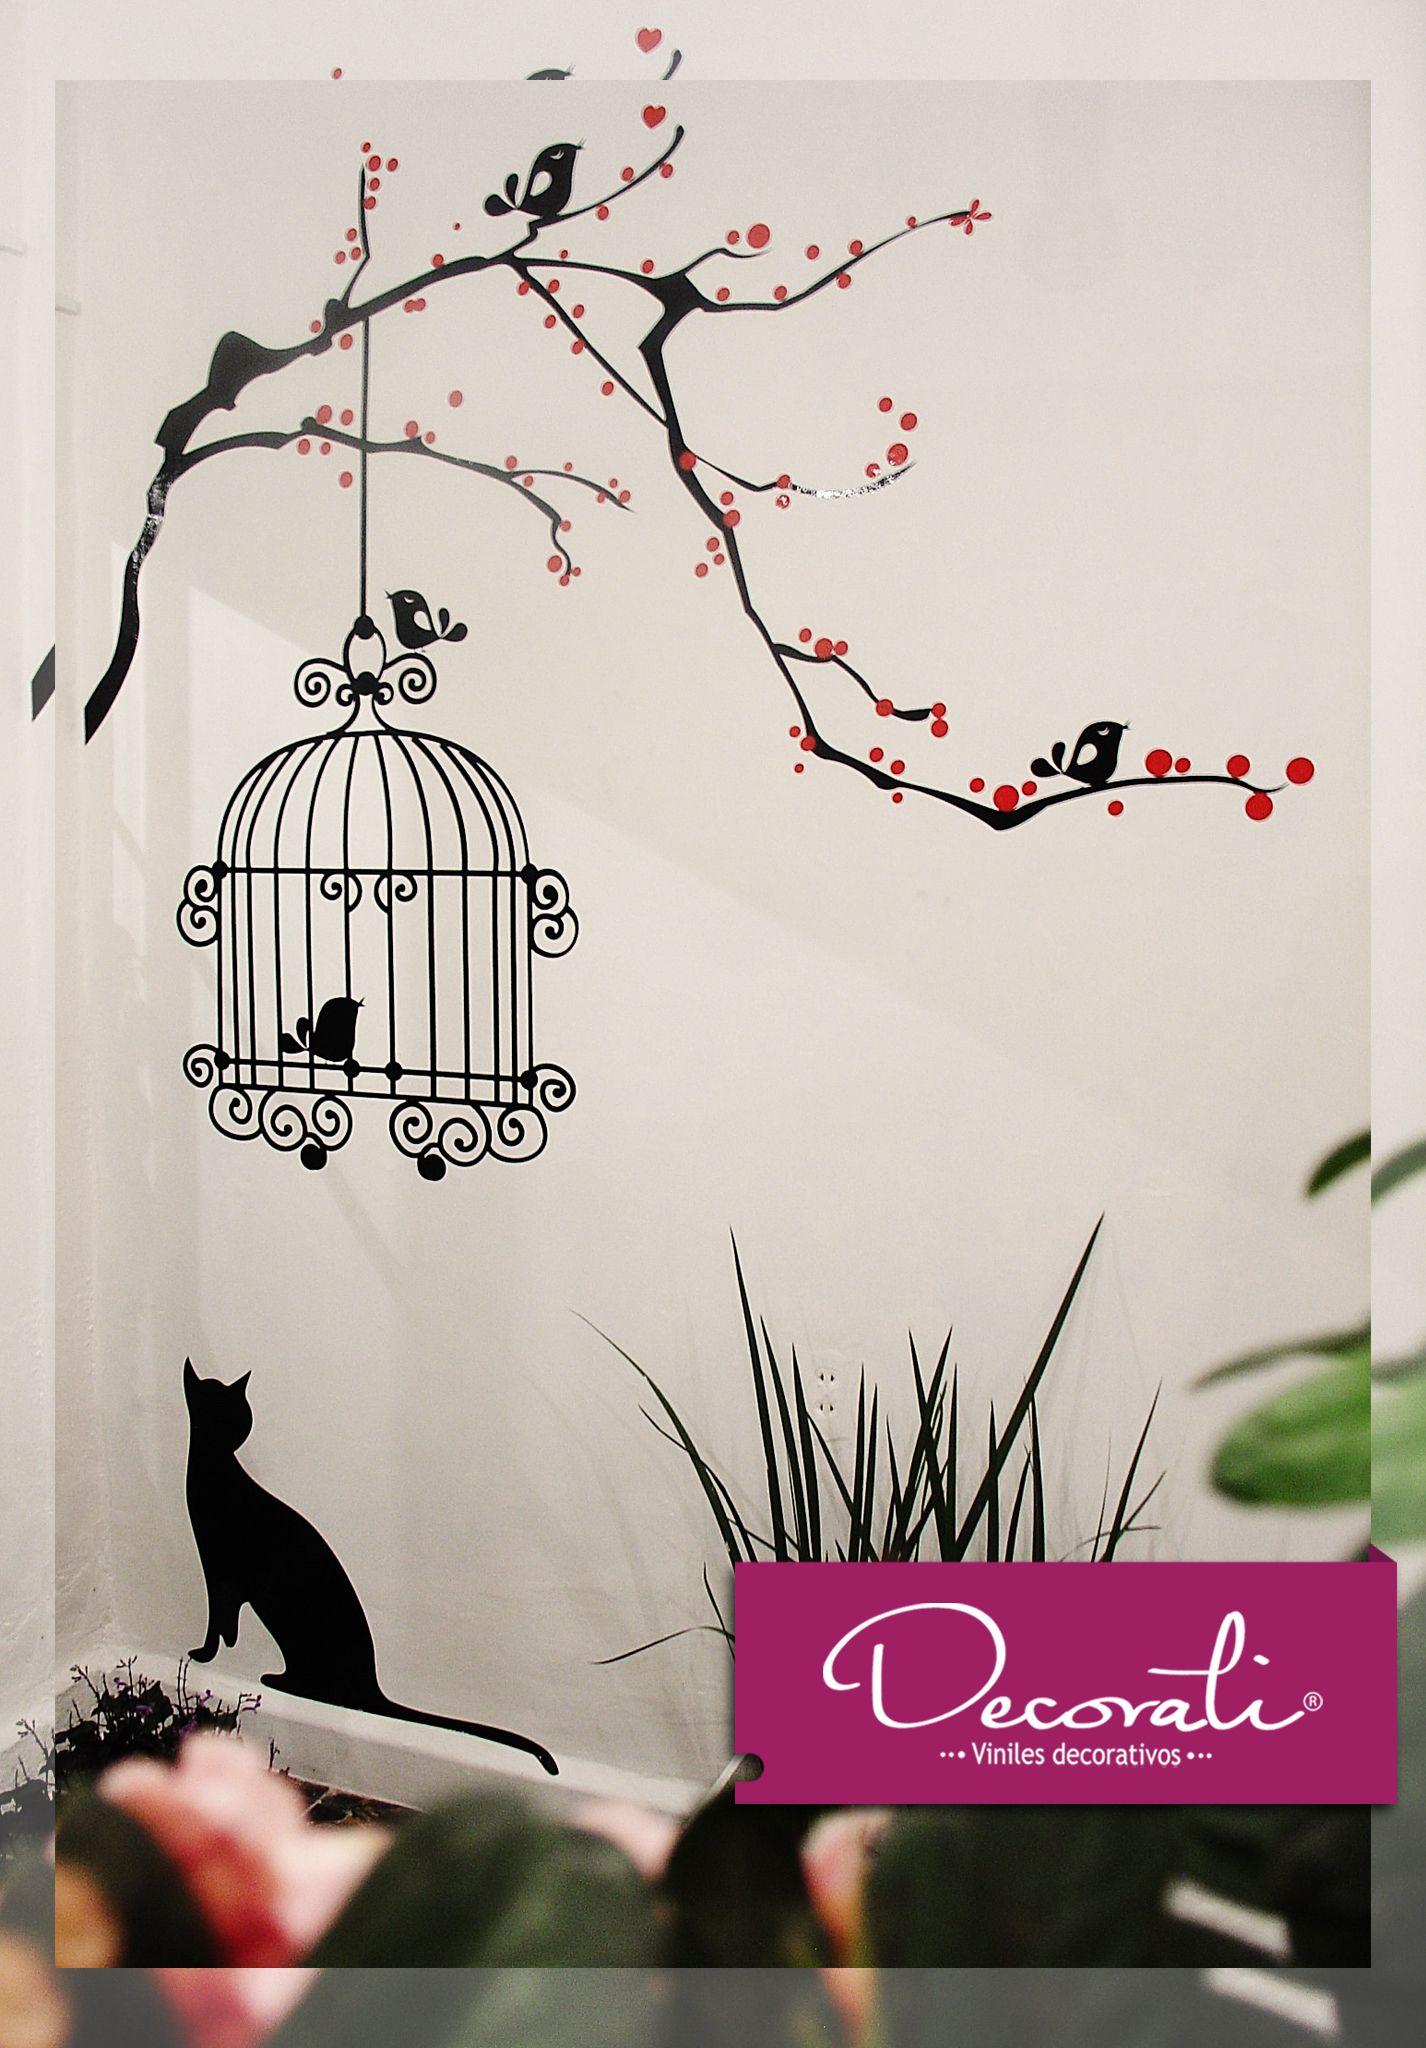 Decoraci n tienda de accesorios para el hogar decorati for Todo en decoracion para el hogar